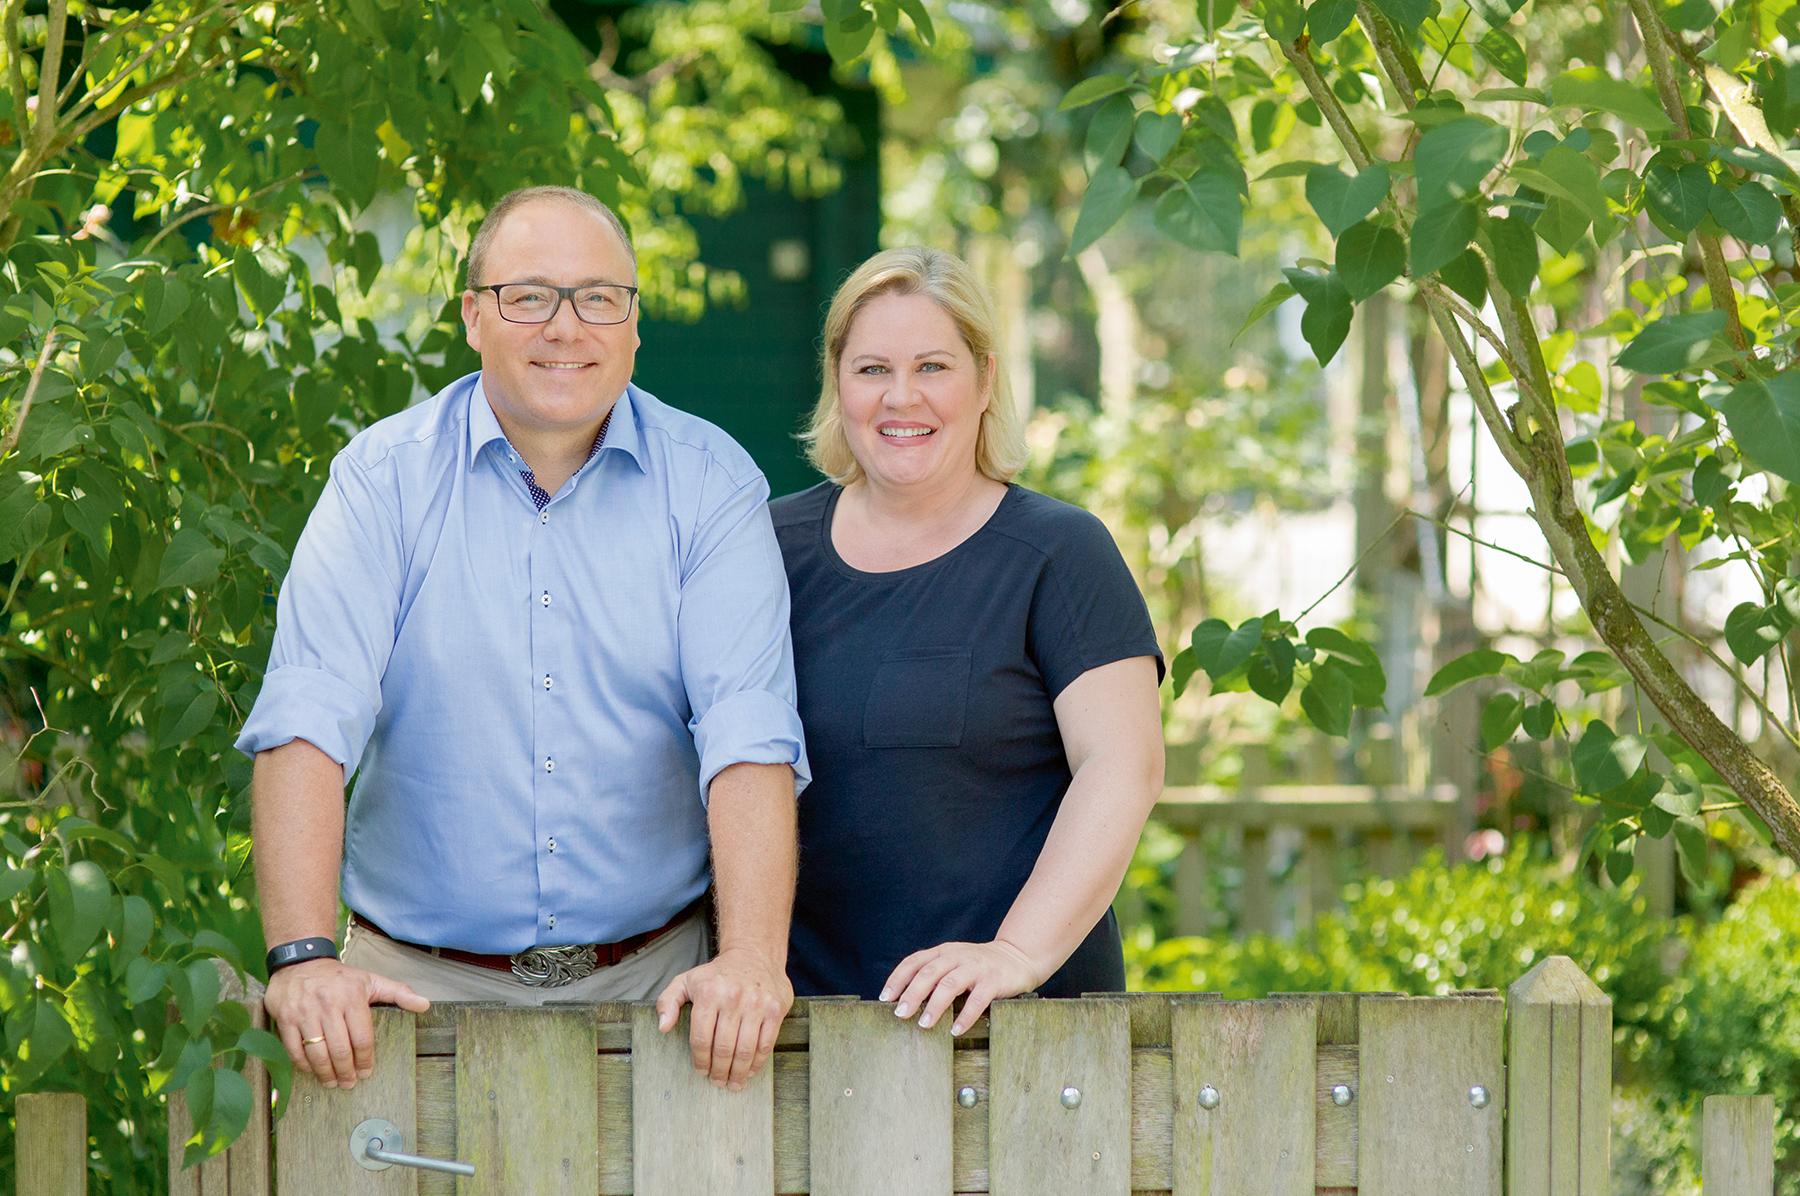 Eheleute Dinger - die Eigentümer von Dinger's Gartencenter Köln - stehen vor einem hölzernen Zaun.